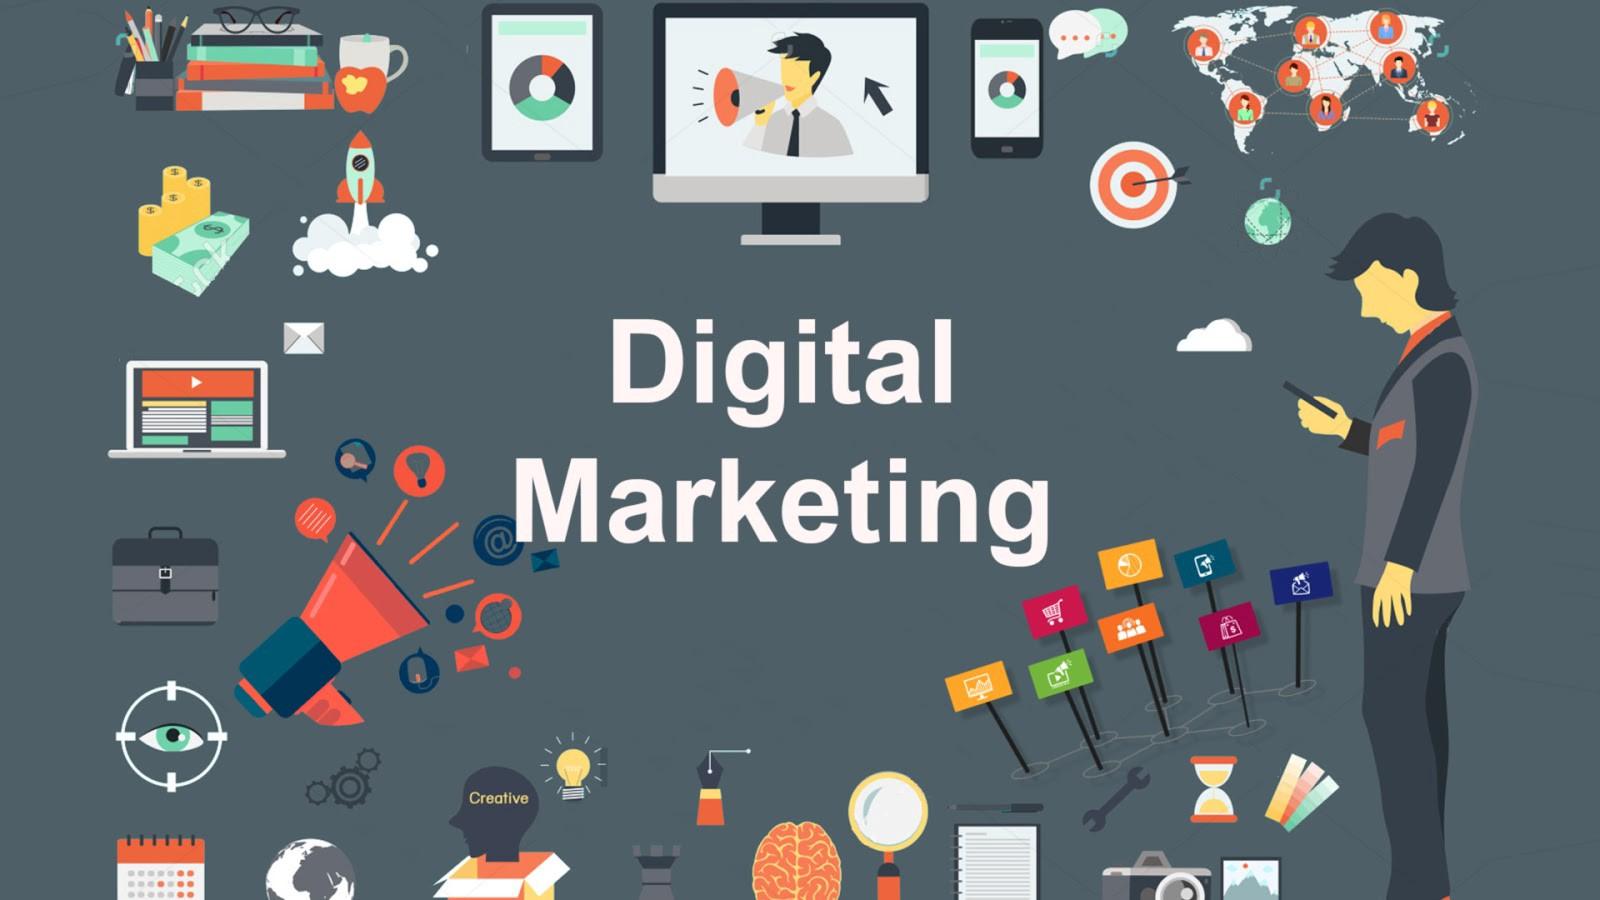 4. डिजिटल मार्केटिंग: आजकल सारा मार्केट ऑनलाइन शिफ्ट हो गया है और पूरी यंग जनरेशन घर बैठे ही सारा सामन खरीद रही है. ऐसे में किसी भी कंपनी के लिए उसकी ऑनलाइन मौजूदगी बेहद ज़रूरी हो गई है. ऑनलाइन कन्ज्यूमर बिहेविअर समझना और उसके हिसाब में मार्केटिंग स्ट्रैटजी बनाना ही डिजिटल मार्केटर की अहम् जिम्मेदारी है. इसके लिए आपको क्रिएटिव और क्रिटिकल थिंकिंग, कम्यूनिकेशन, डेटा एनालिसिस में महारत हासिल करनी होगी. इस फील्ड में किसी खास डिग्री का महत्व नहीं है. आप सर्च इंजन ऑप्टिमाइजेशन या फिर गूगल ऐनालिटिक्स का शॉर्ट टर्म कोर्स कर सकते हैं.